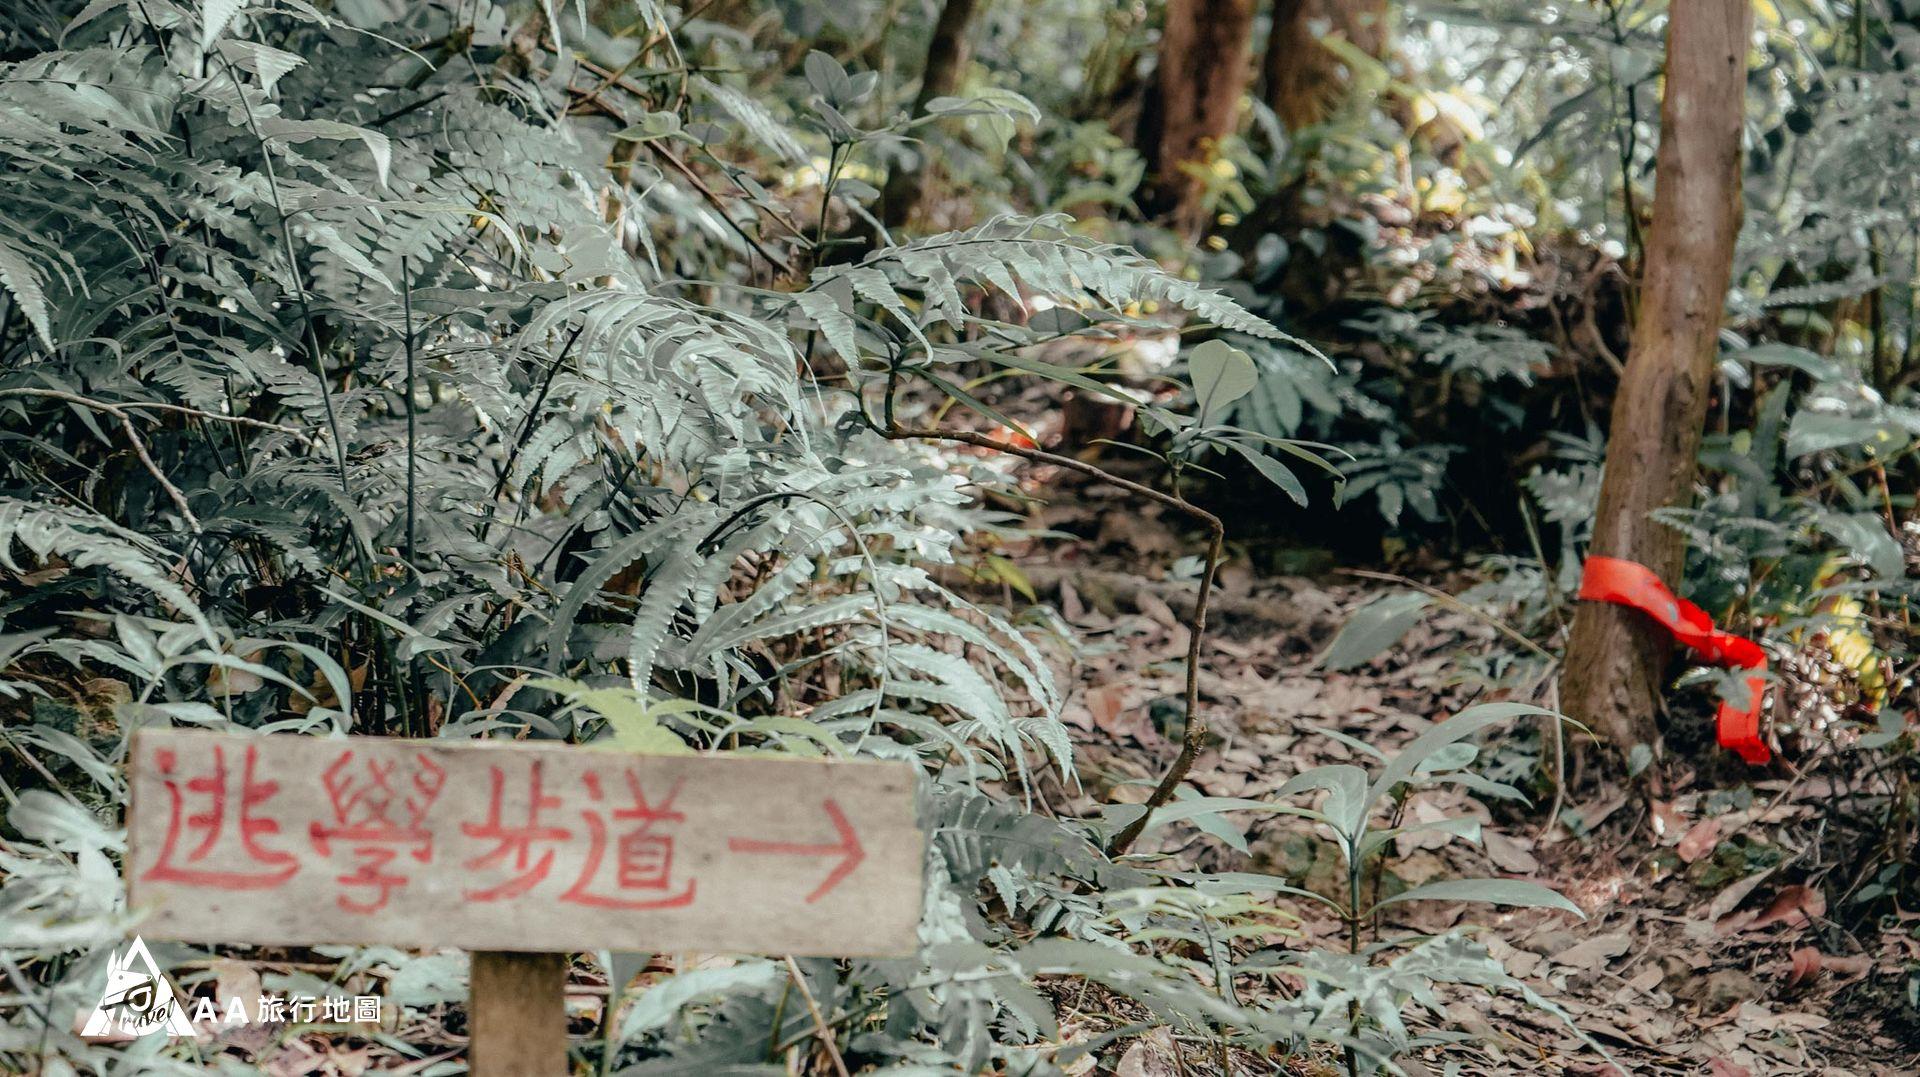 大山北月 後山上還有一個逗趣的牌子寫著逃學步道